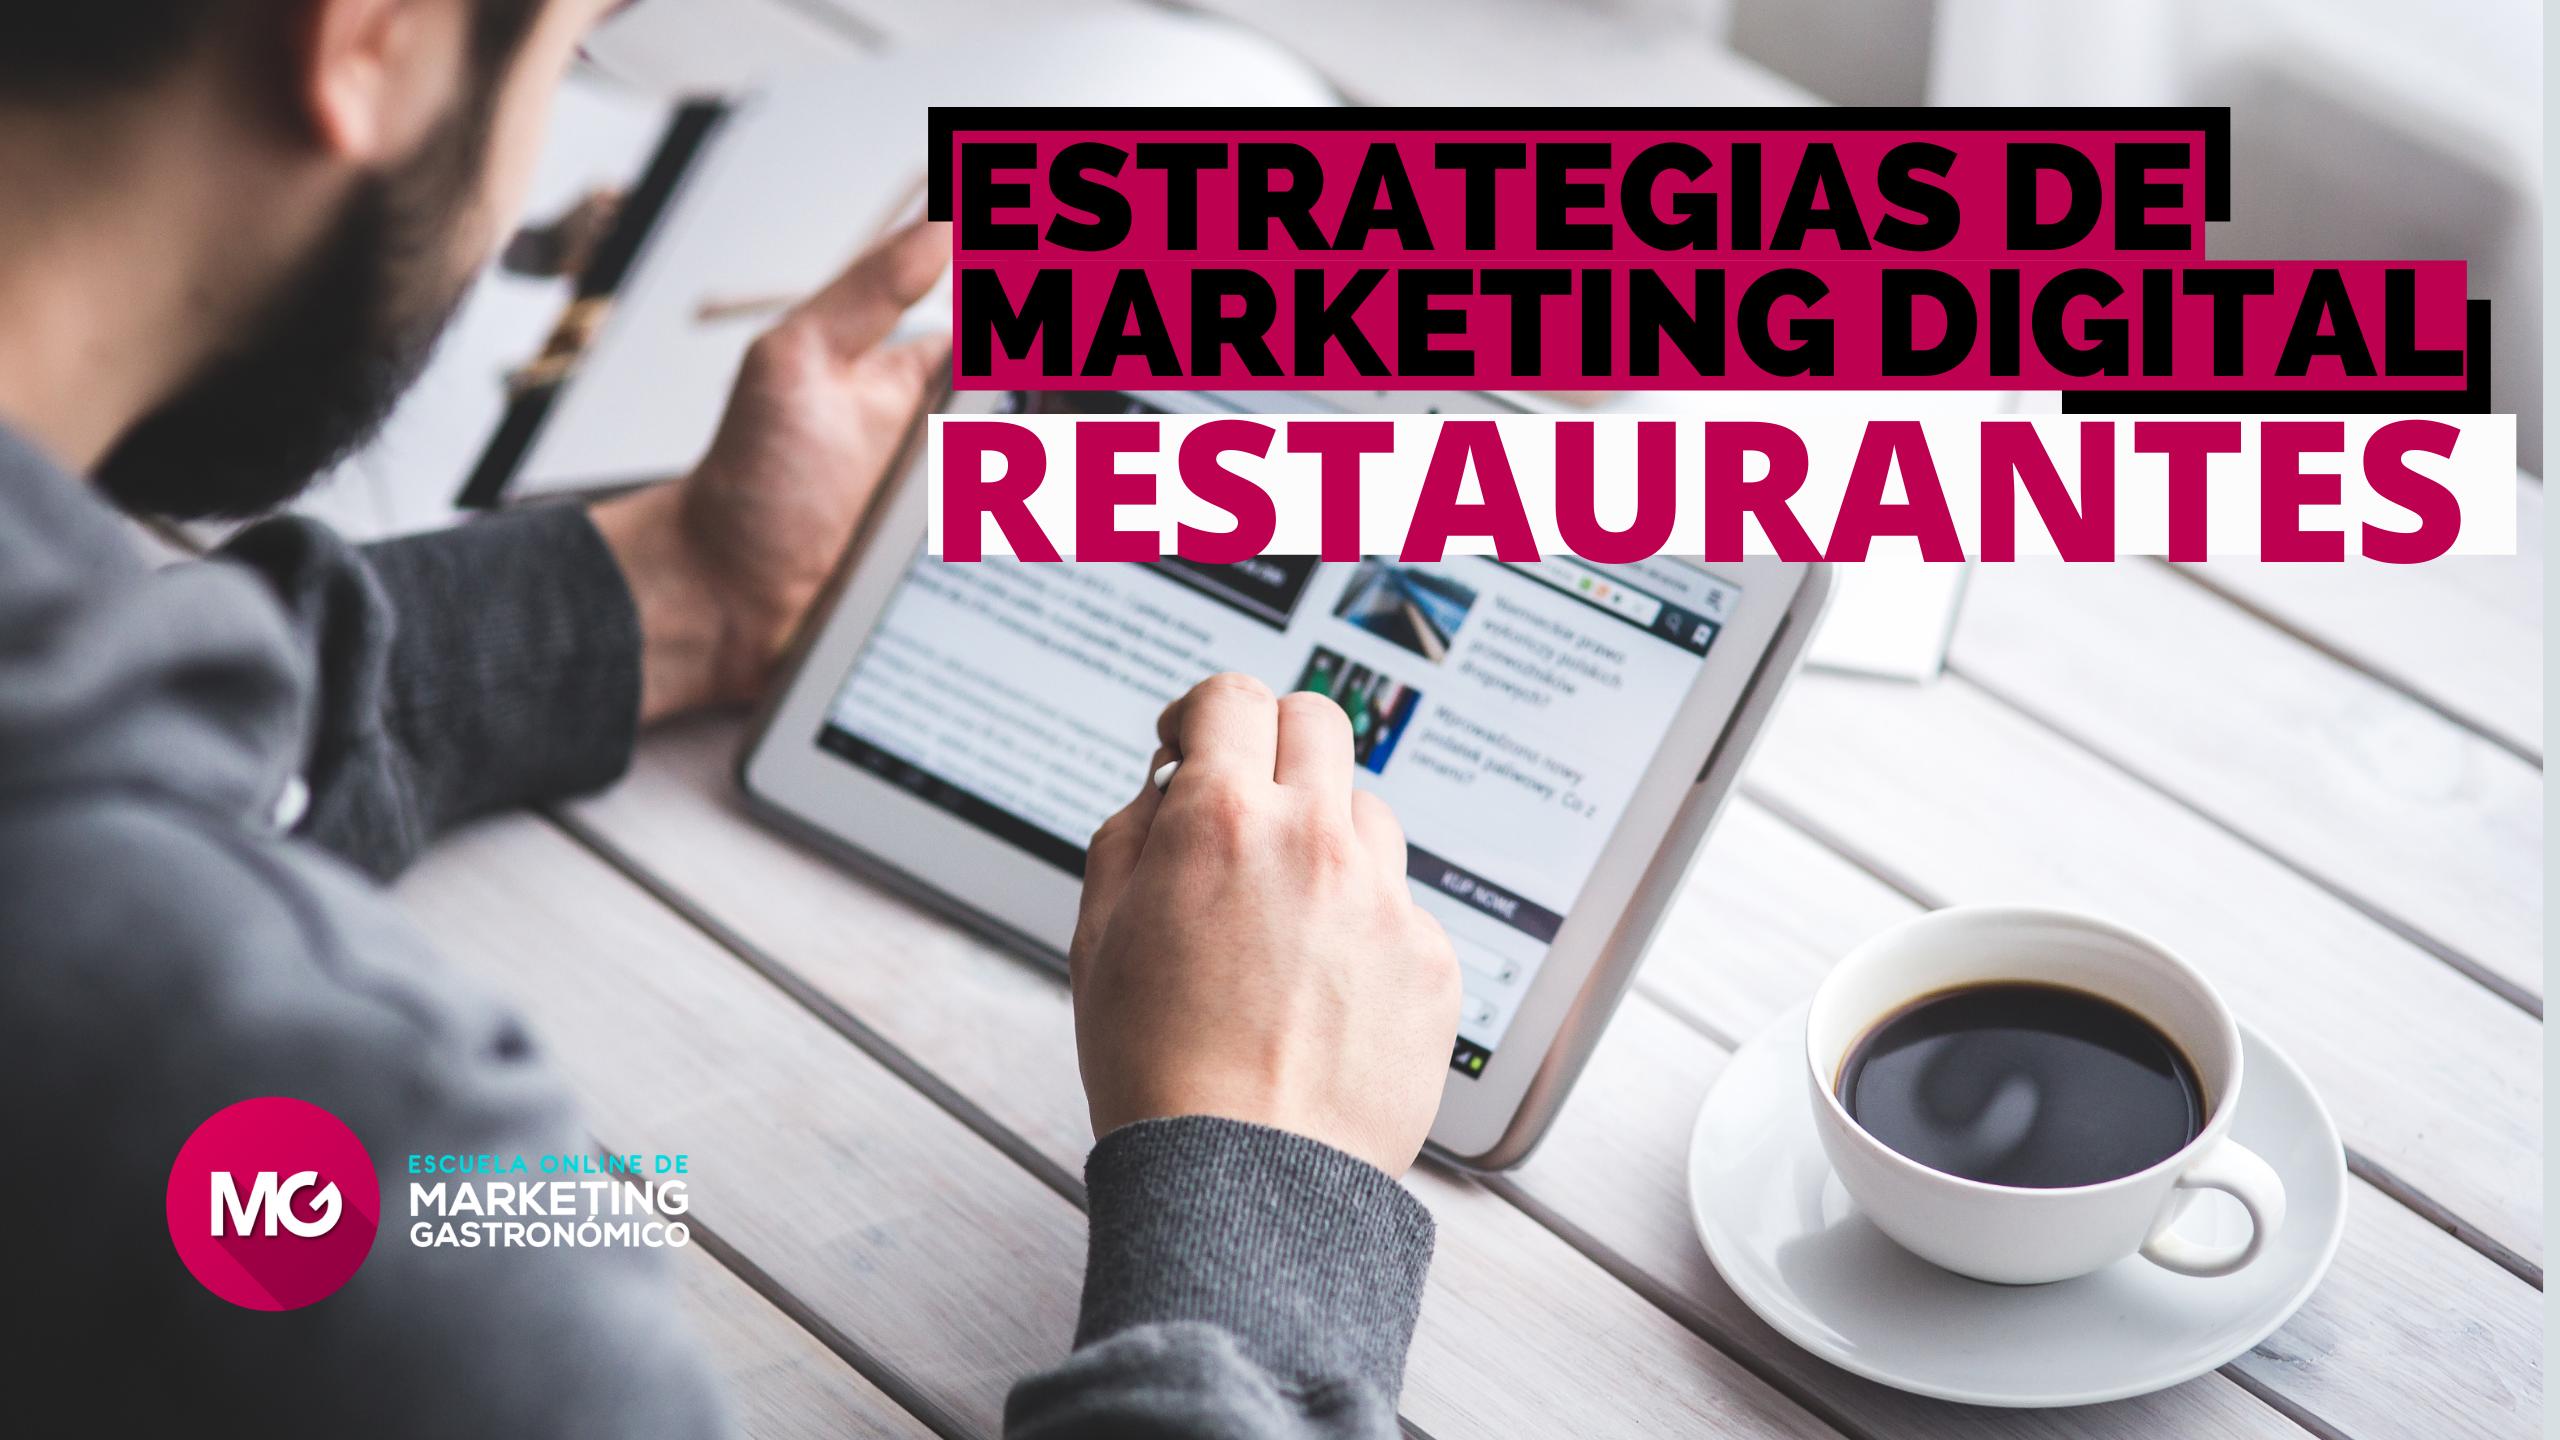 Estrategias de marketing digital para restaurantes que quieren vender más